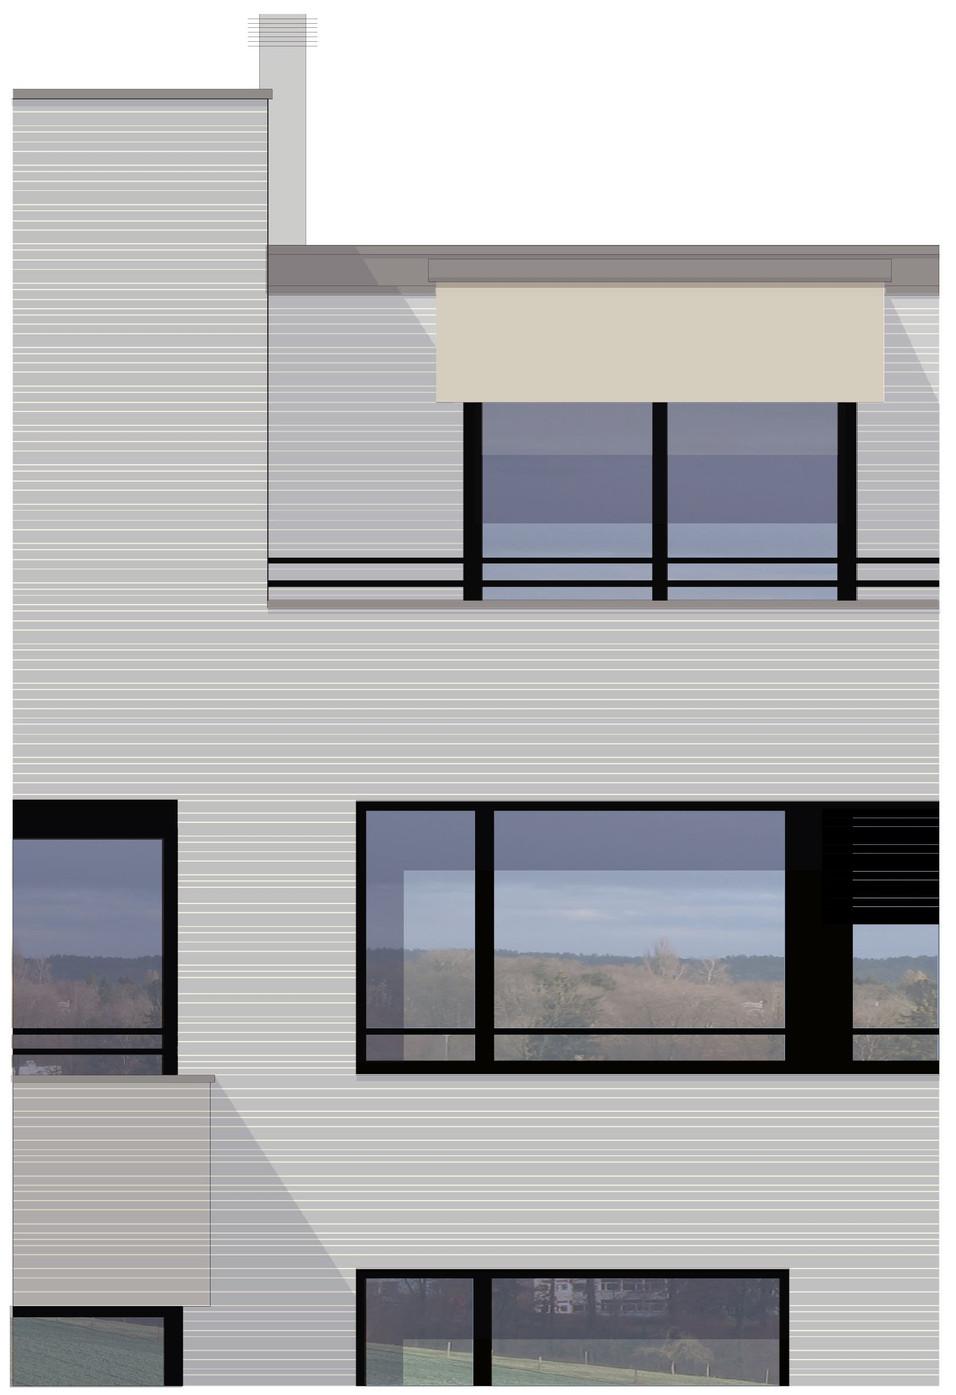 Fassadenausschnitt